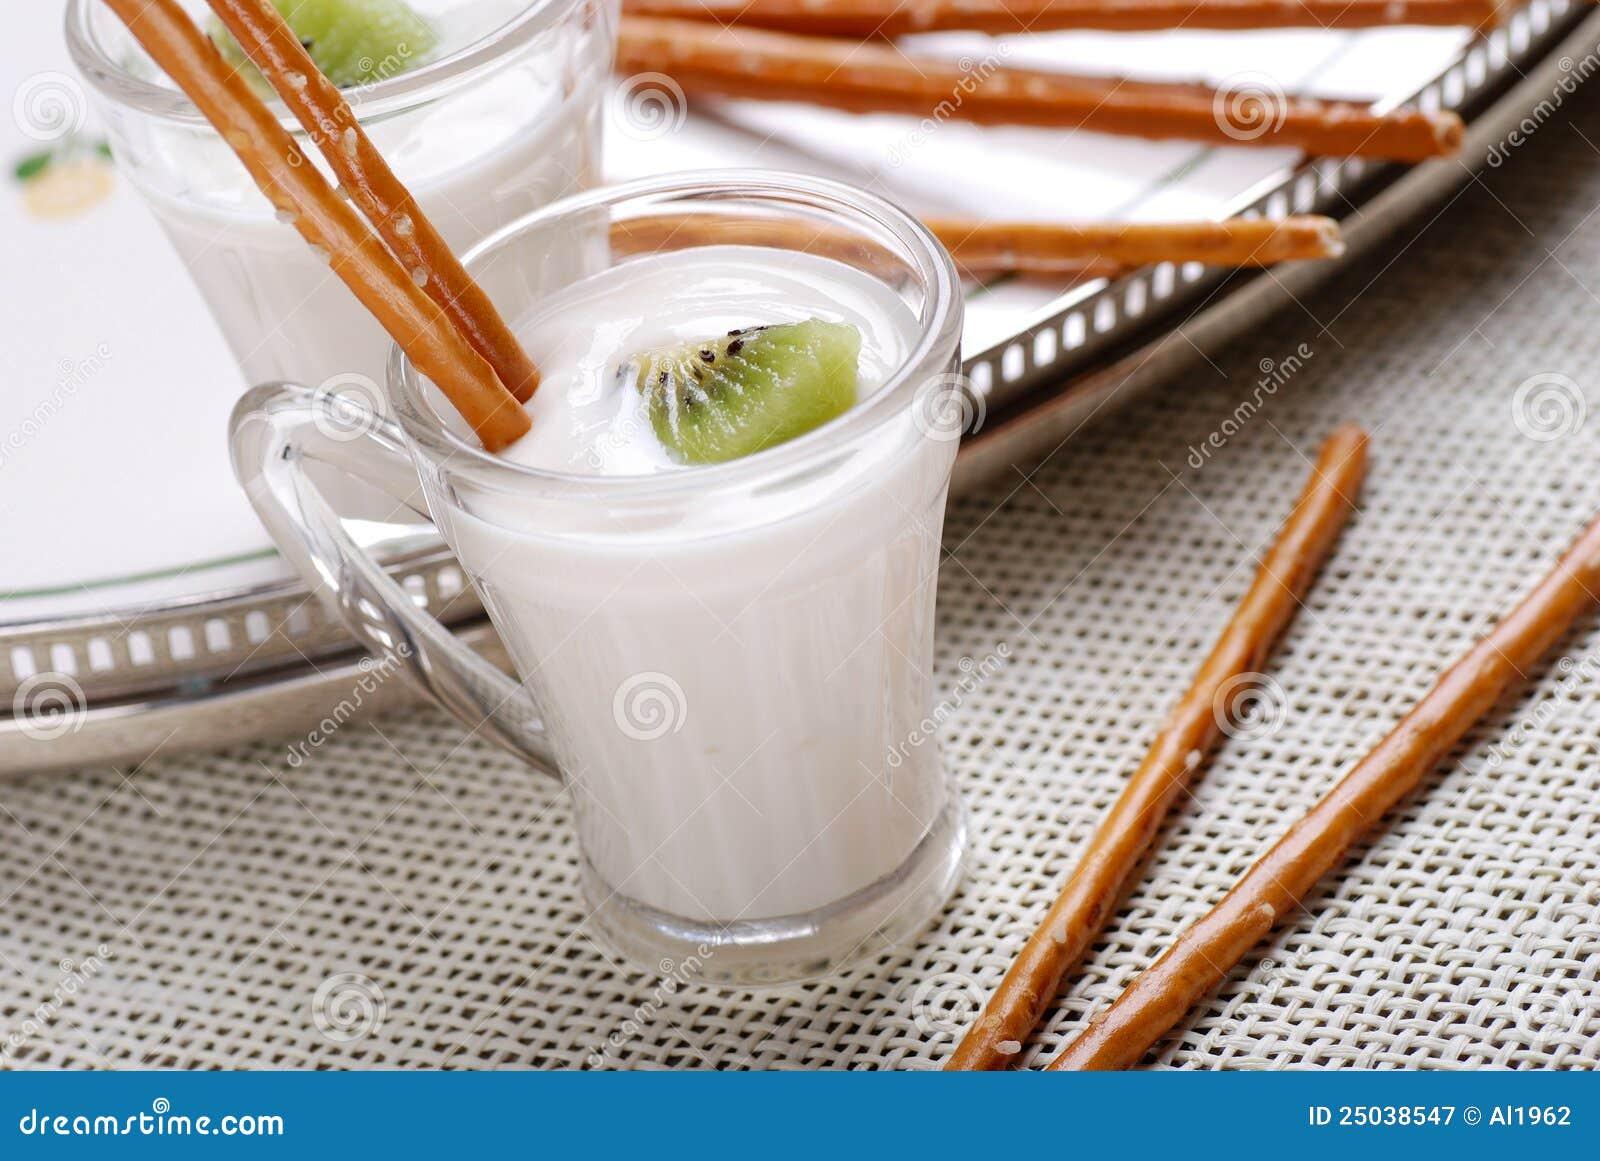 Kiwiyoghurt